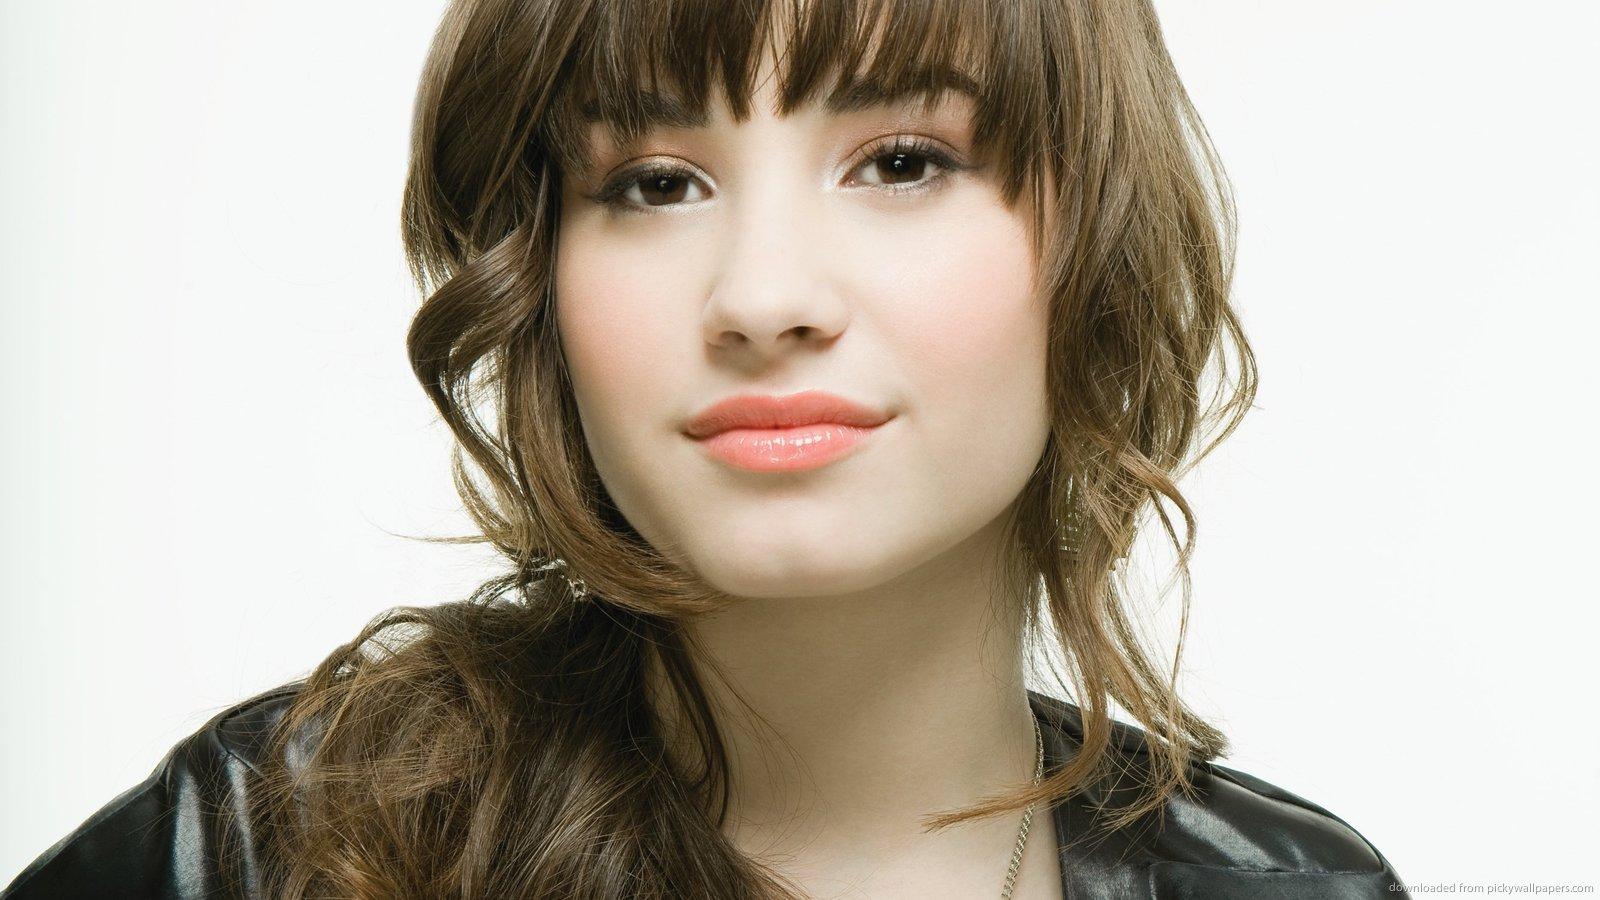 http://3.bp.blogspot.com/-ChjDxPyW5Uo/TtOMU3LU5FI/AAAAAAAAA2U/JvBBNJMjuNk/s1600/Demi+Lovato+06.jpg